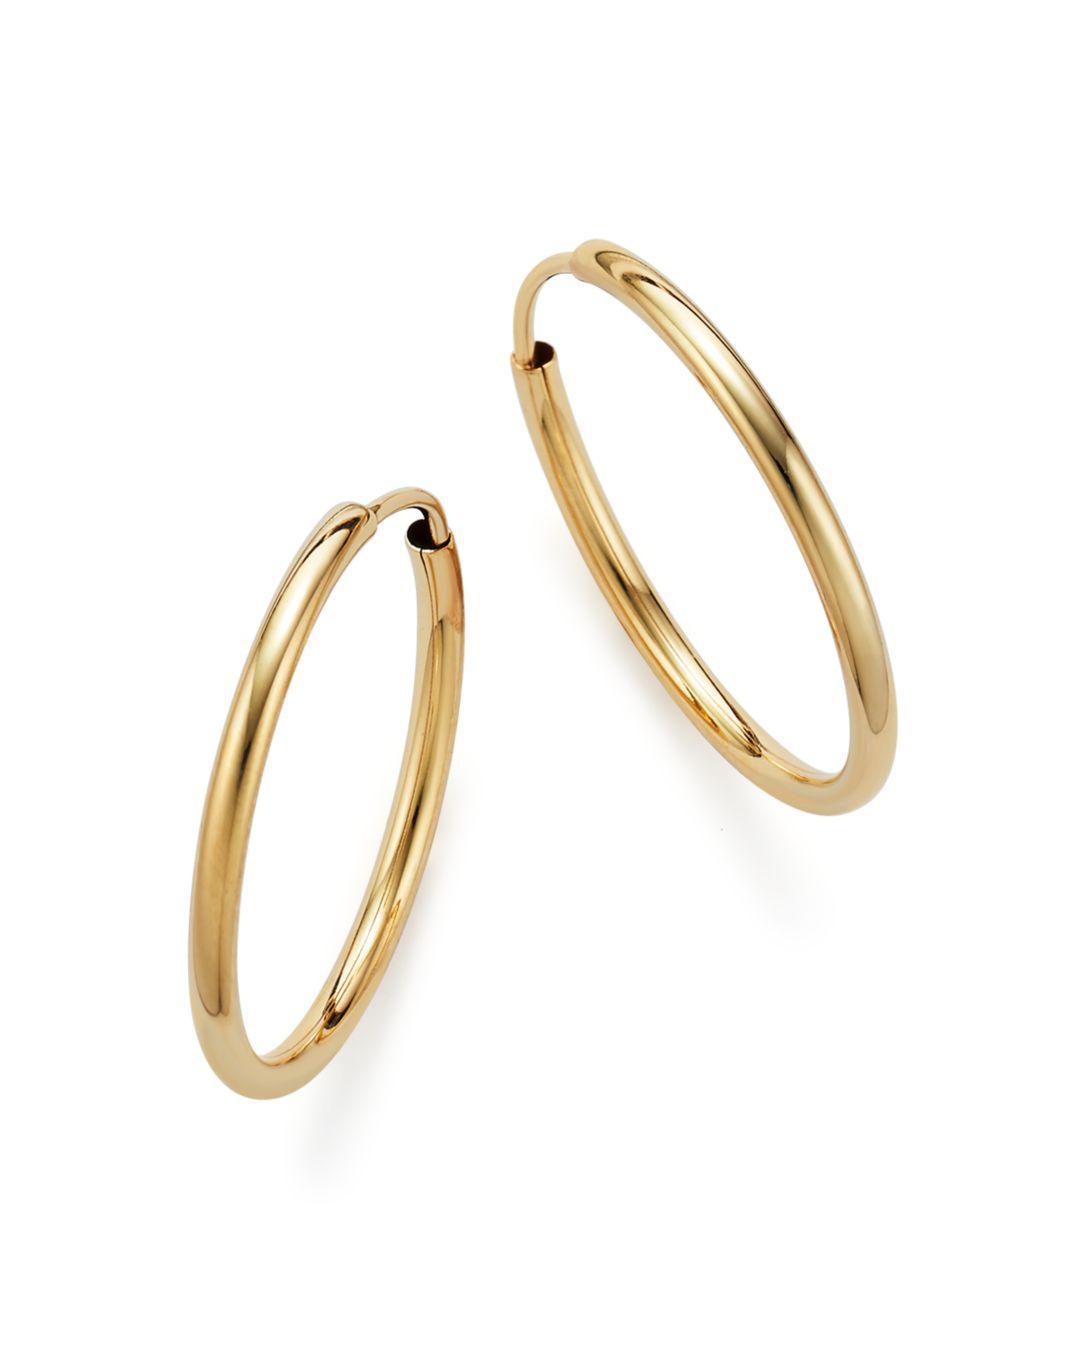 Bloomingdale S Metallic 14k Yellow Gold Endless Hoop Earrings Lyst View Fullscreen